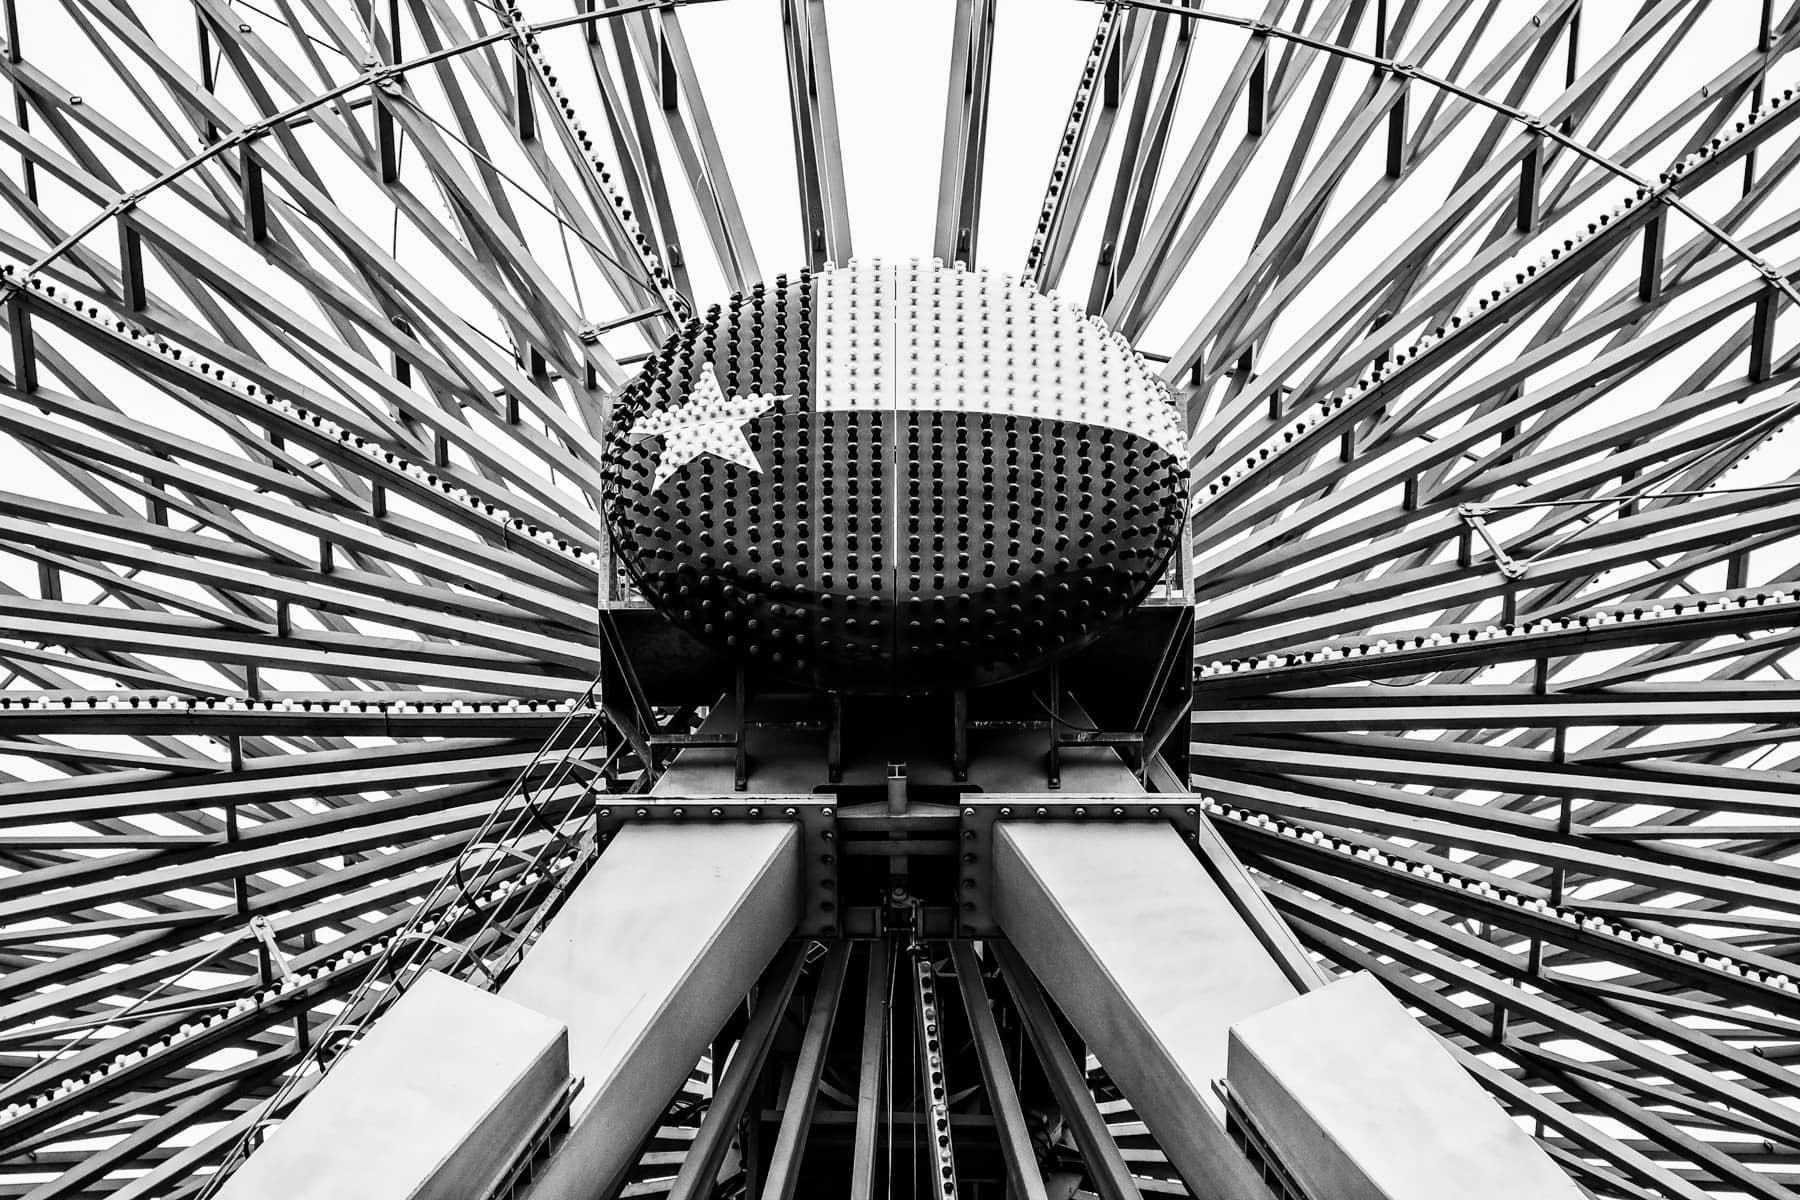 Detail of the center hub of the Texas Star Ferris Wheel in Dallas' Fair Park.